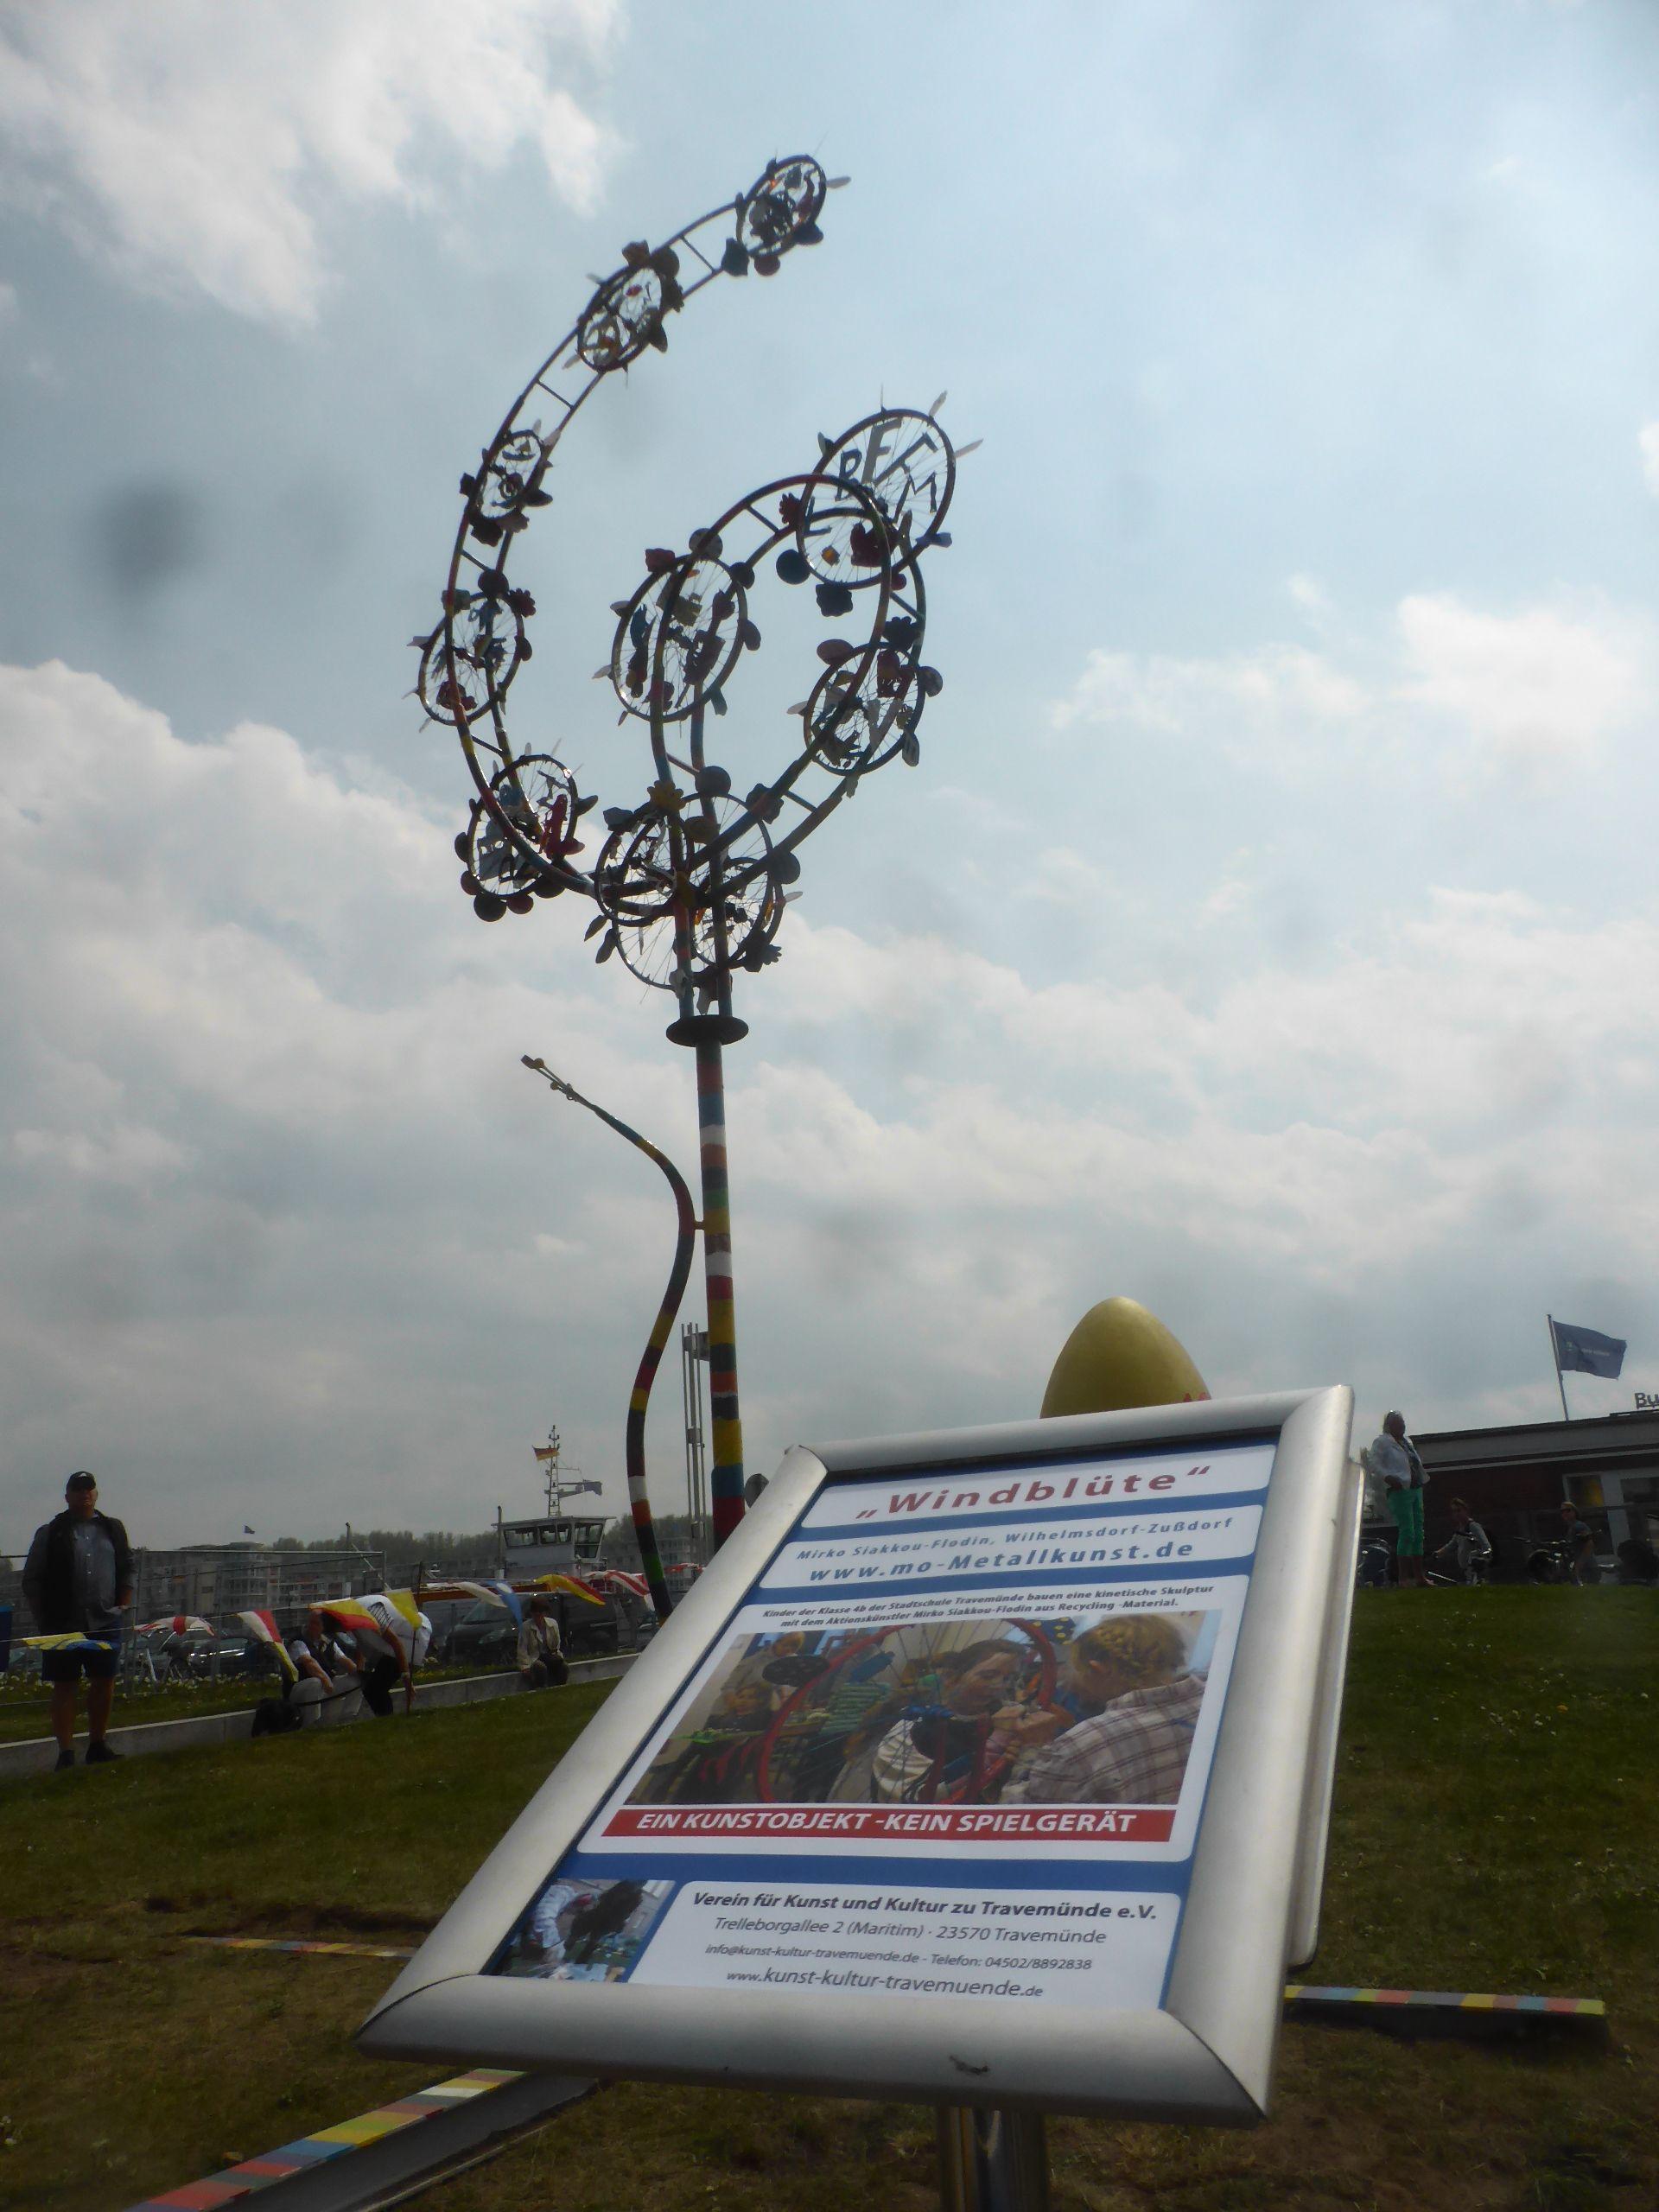 Zusammenarbeitsprojekt Mit Metall Und Aktionskunstler Wind Art